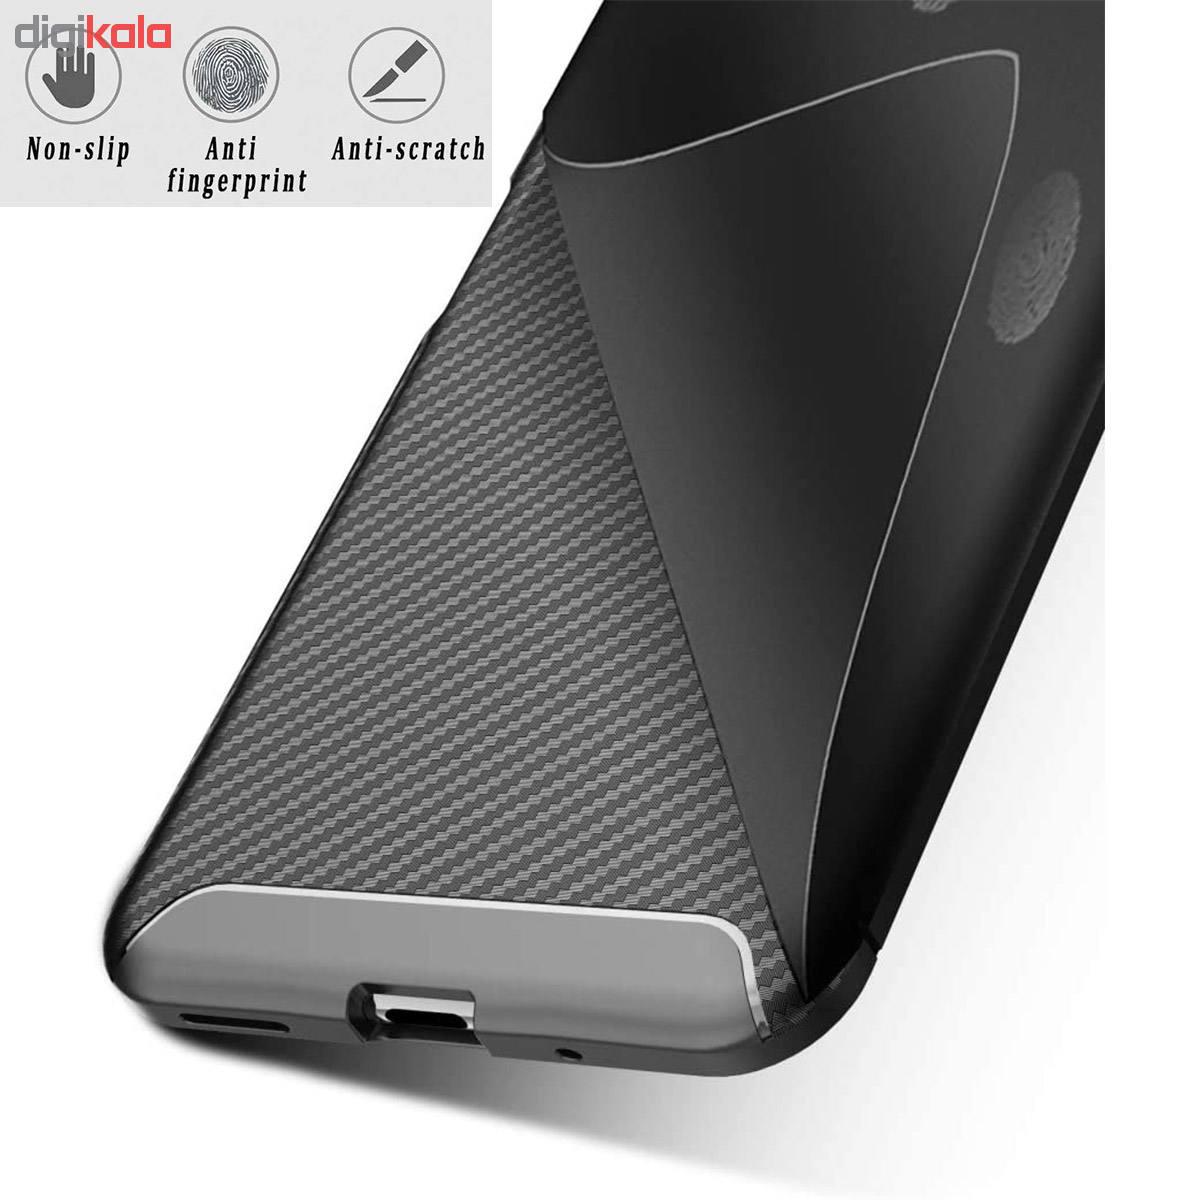 کاور لاین کینگ مدل A21 مناسب برای گوشی موبایل هوآوی Nova 5T thumb 2 18